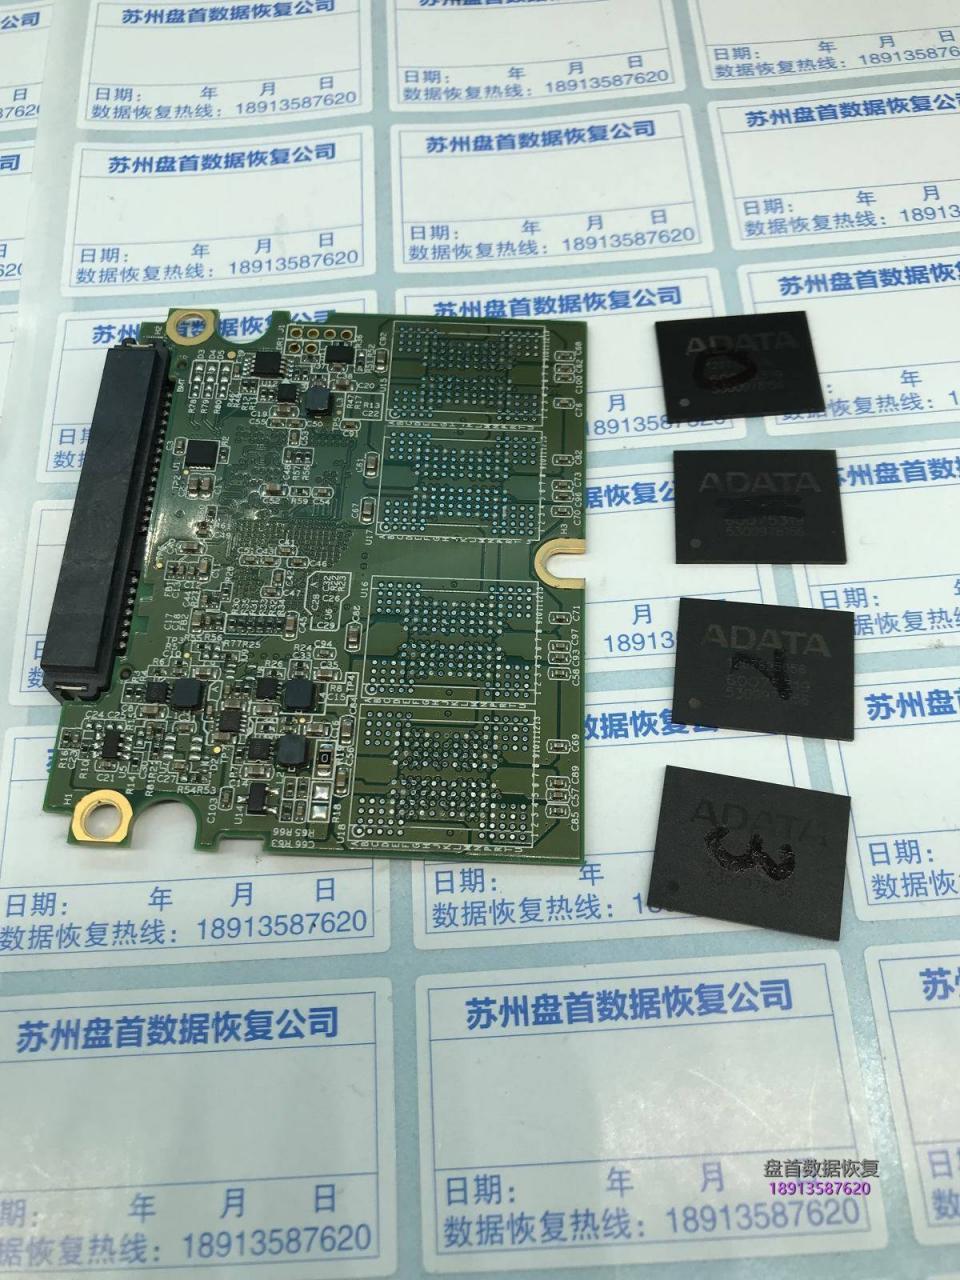 威刚SP600掉盘无法识别JMF670H主控芯片级数据恢复成功